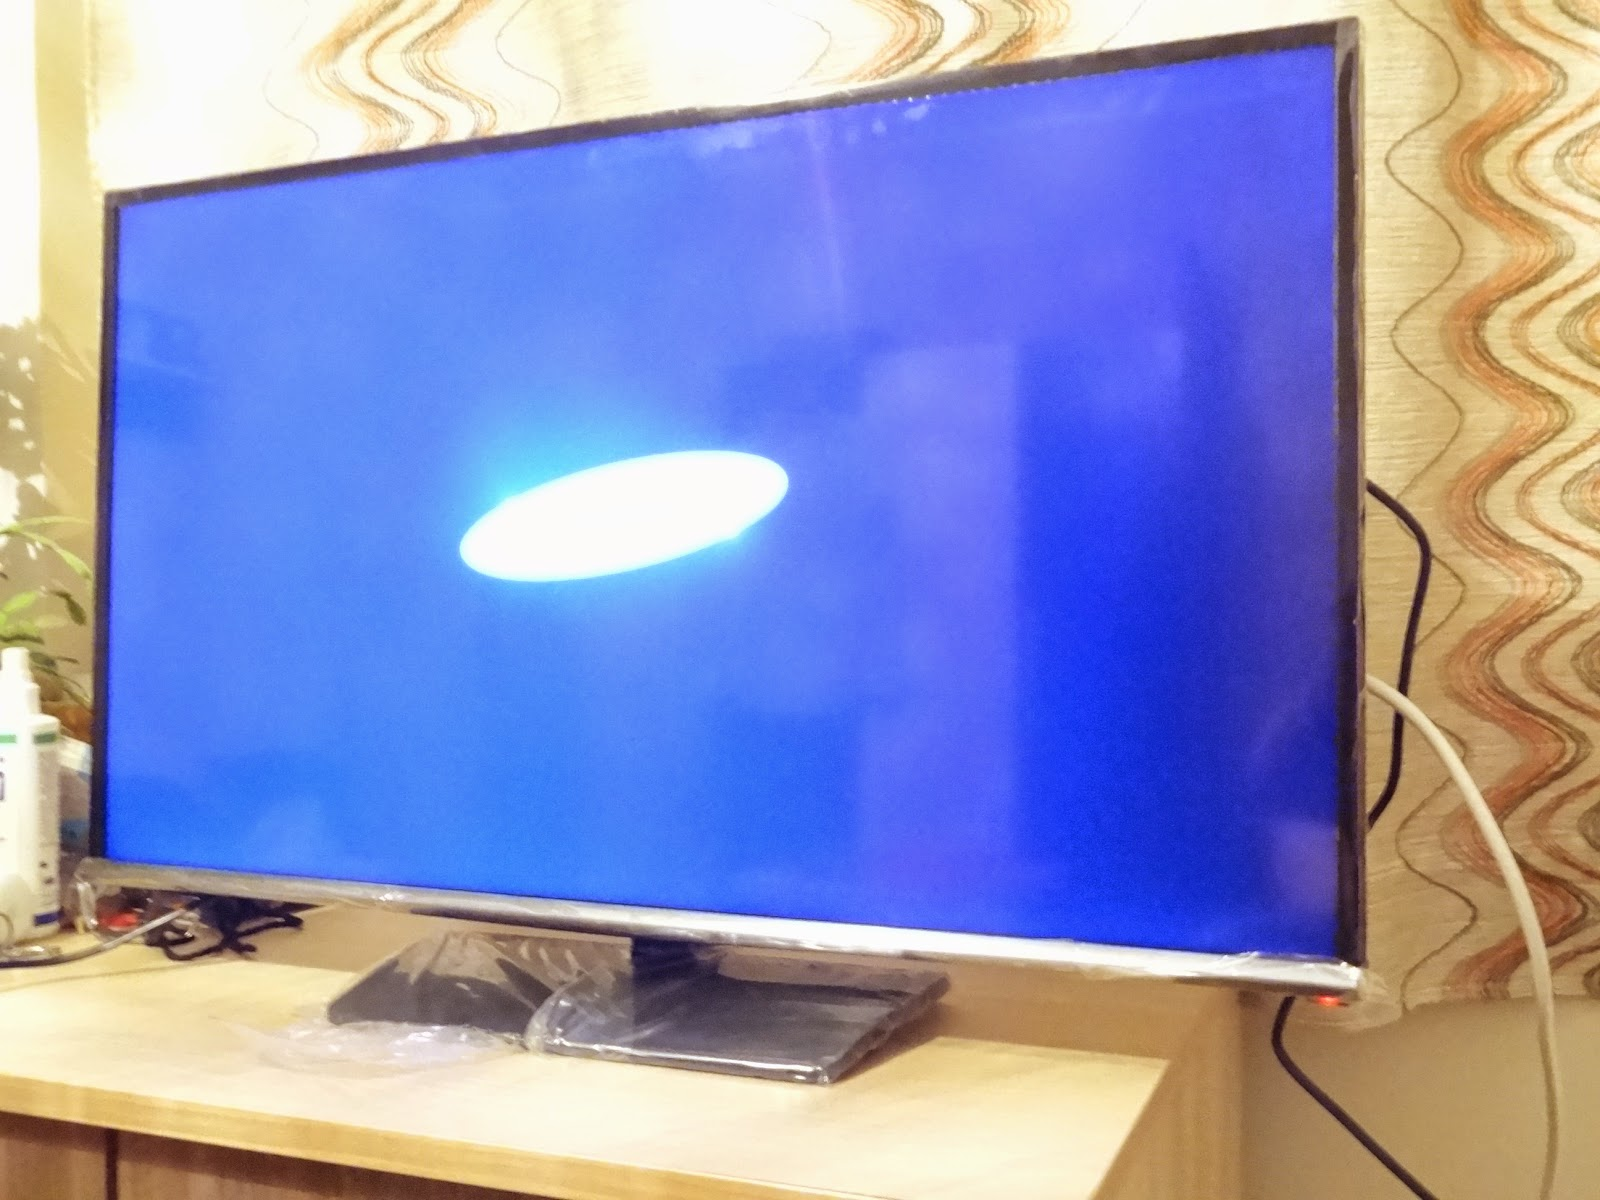 Samsung UE-32H5030 LED